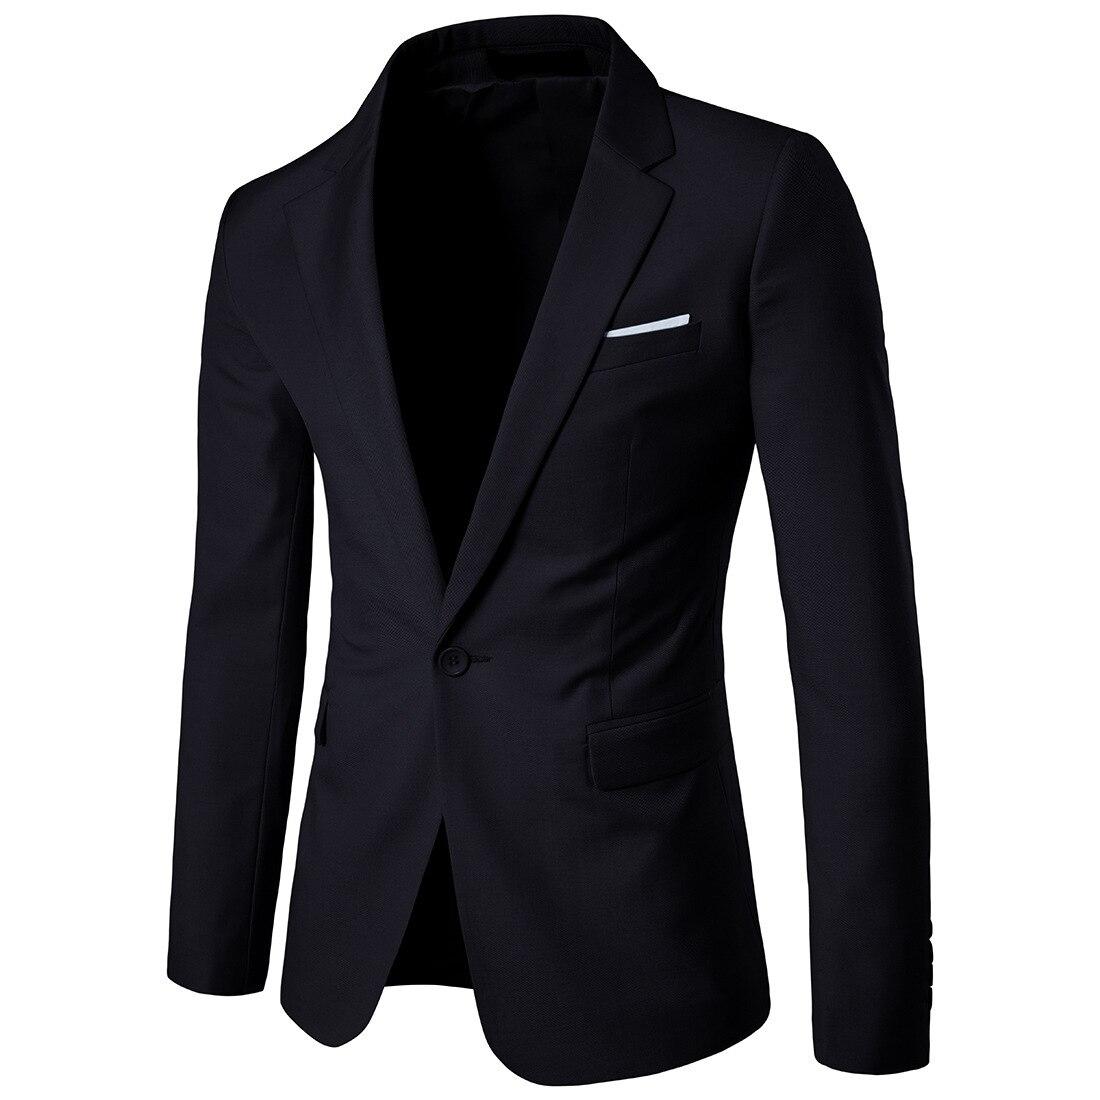 Men Autumn Clothing Solid Color Leisure Suit Men's Korean-style Slim Fit Best Man Wedding Small Suit Large Size Tops Fashion